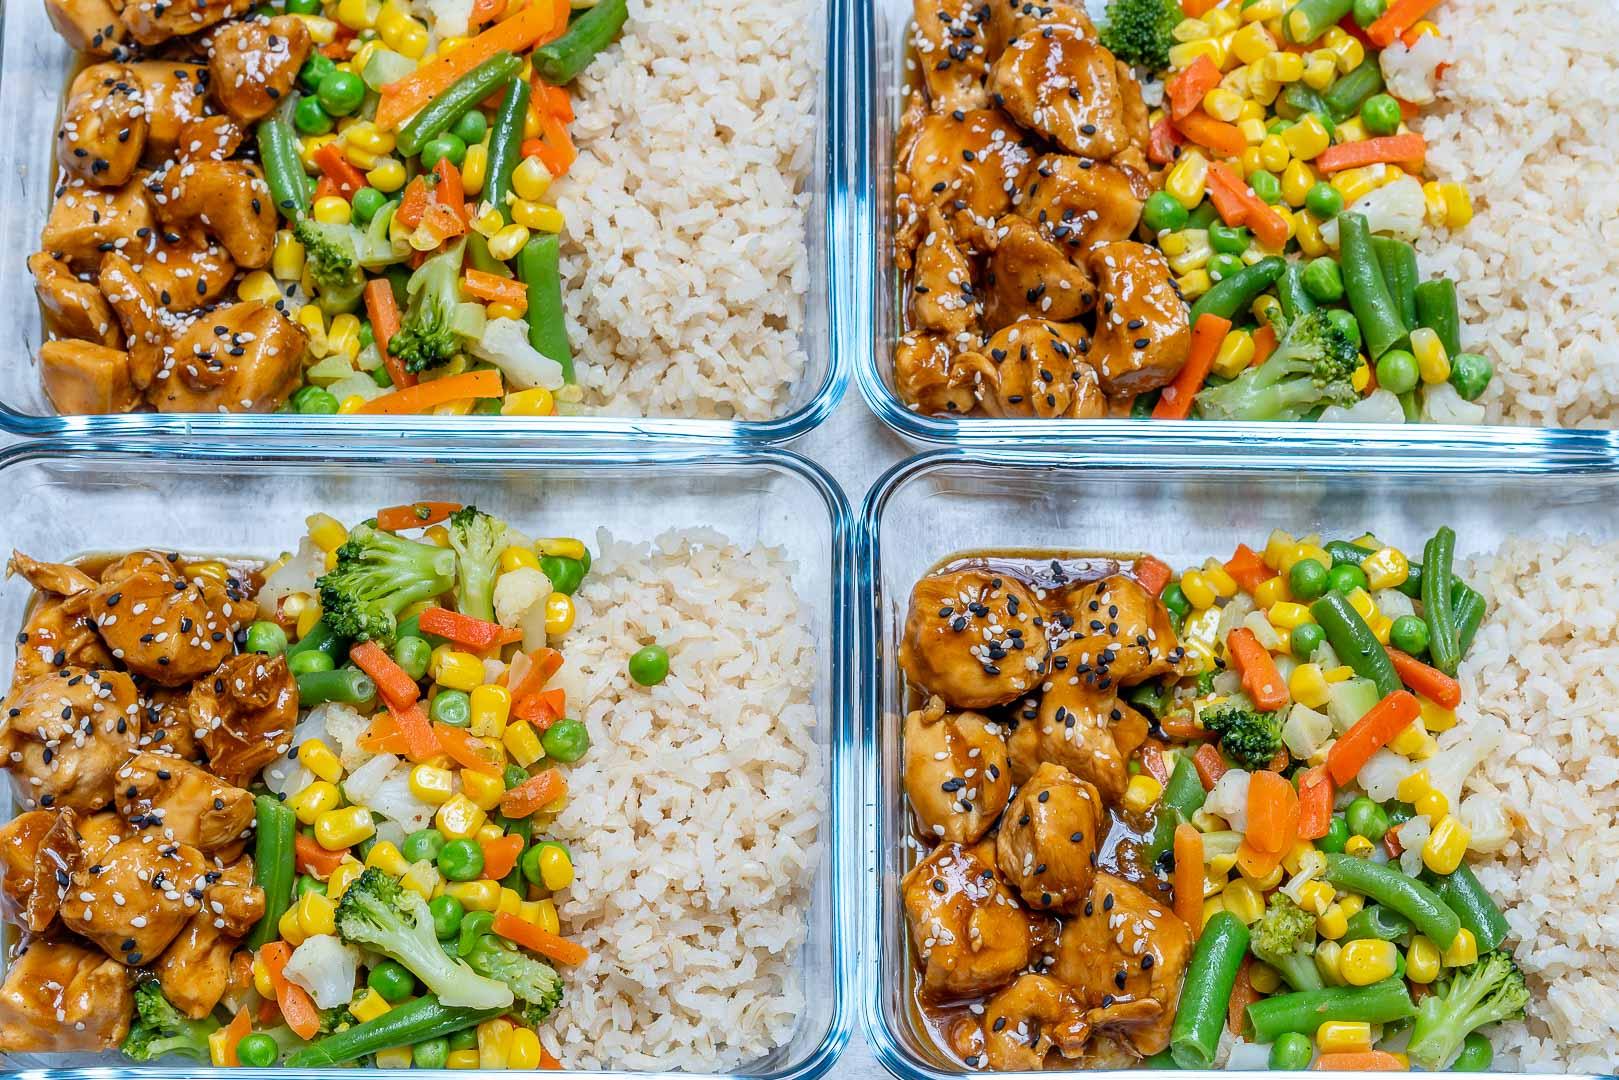 Eat Clean Meal-Prep Teriyaki Chicken Bowls